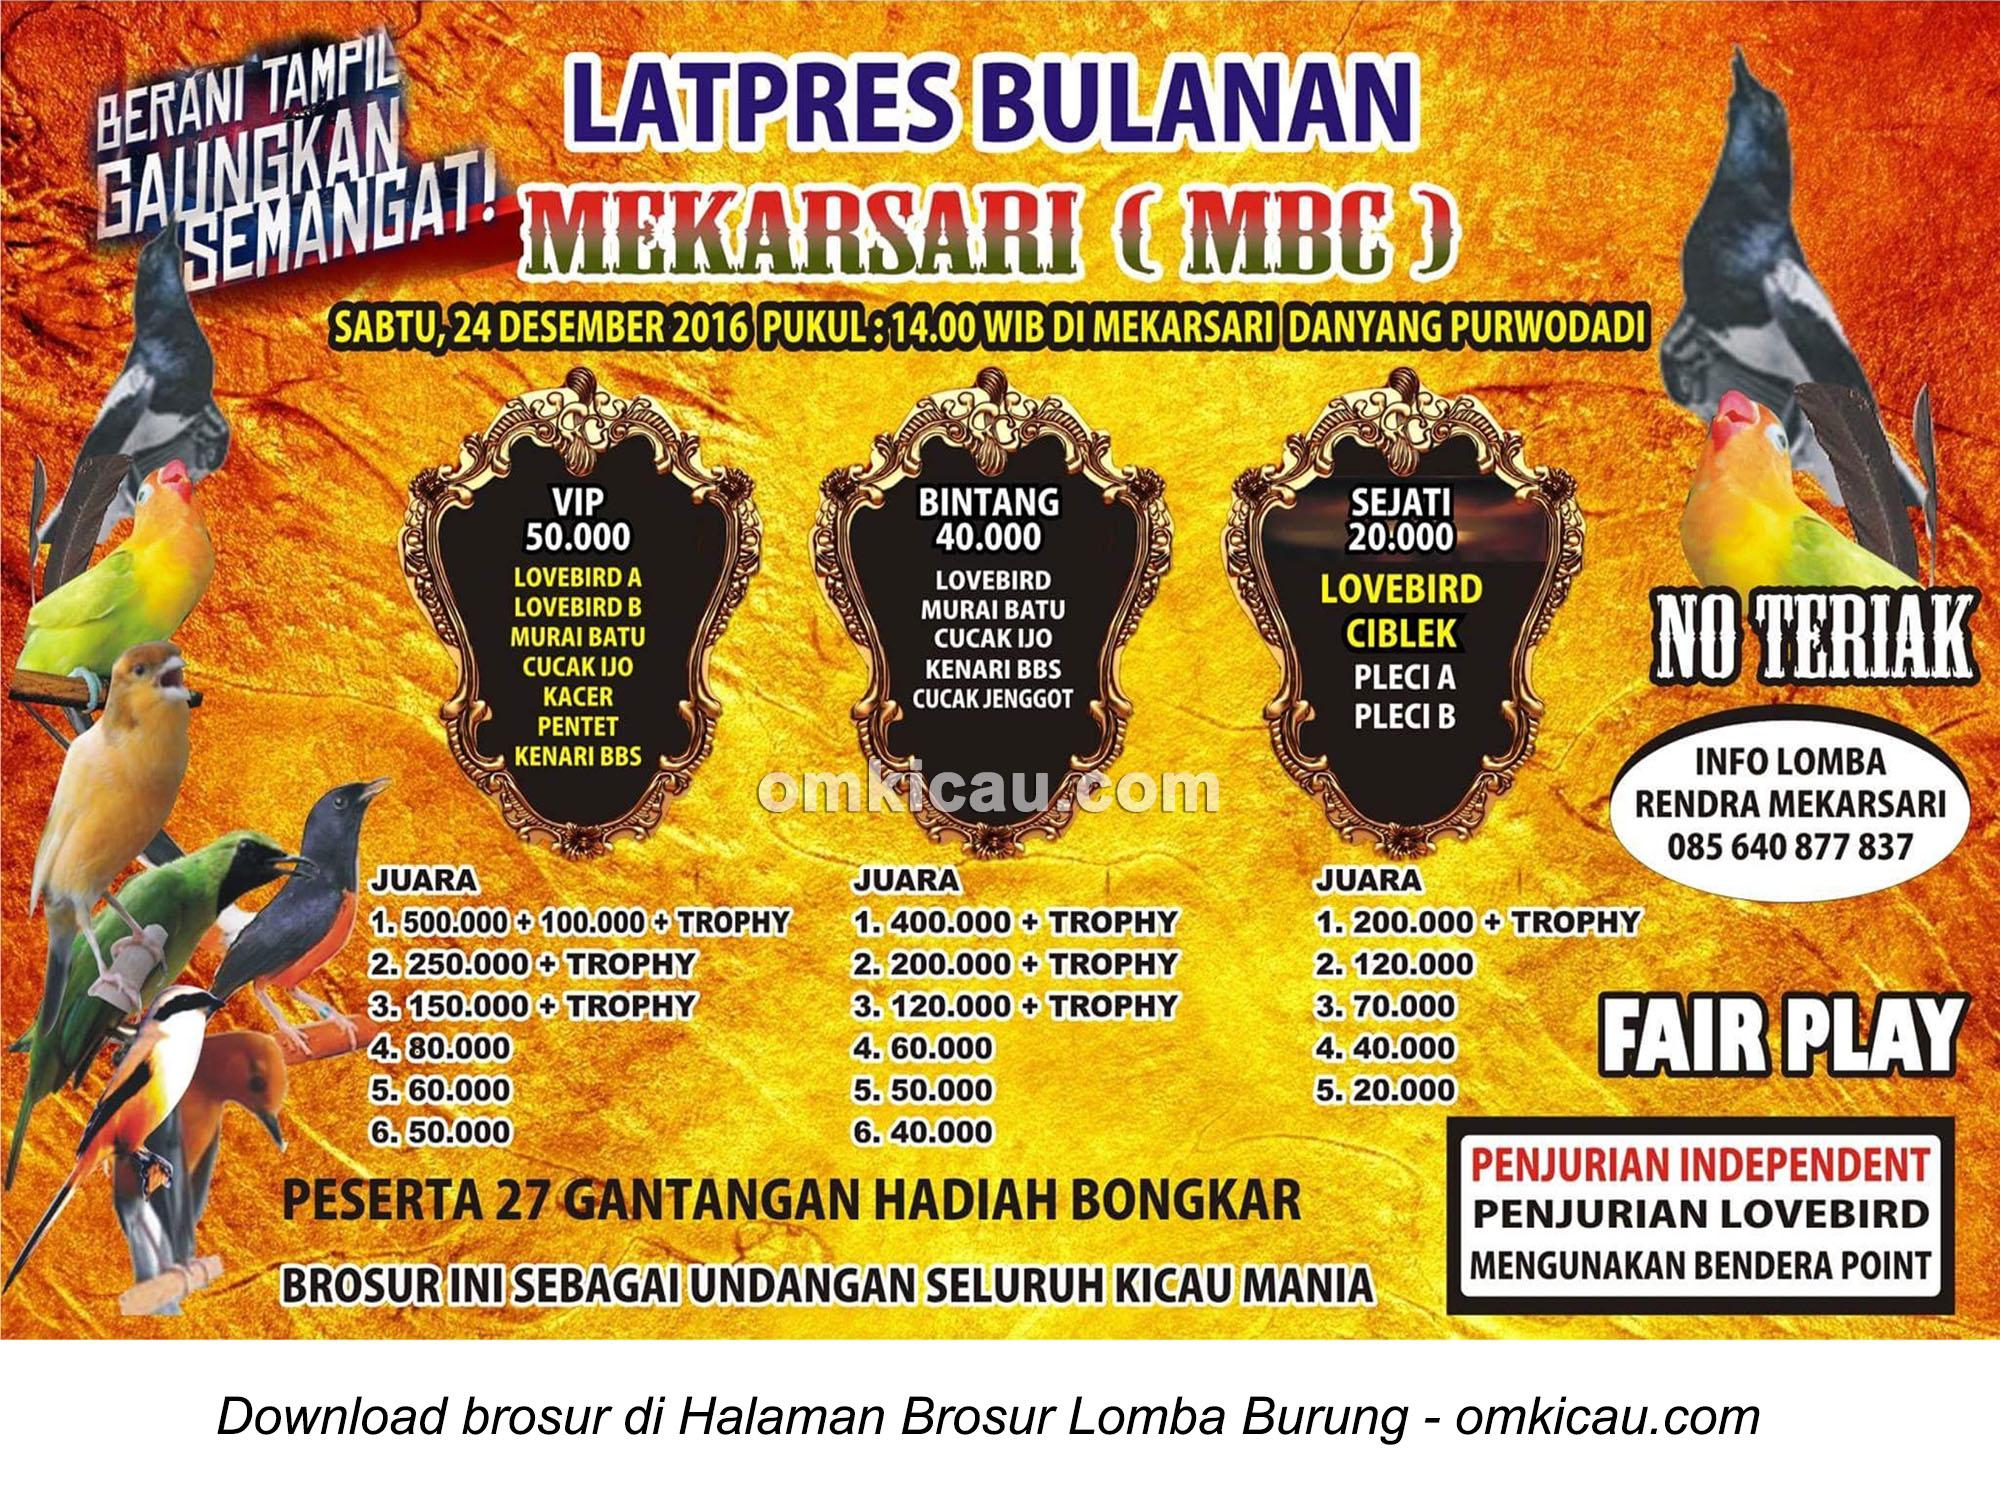 Brosur Latpres Bulanan Mekarsari (MBC), Purwodadi, 24 Desember 2016